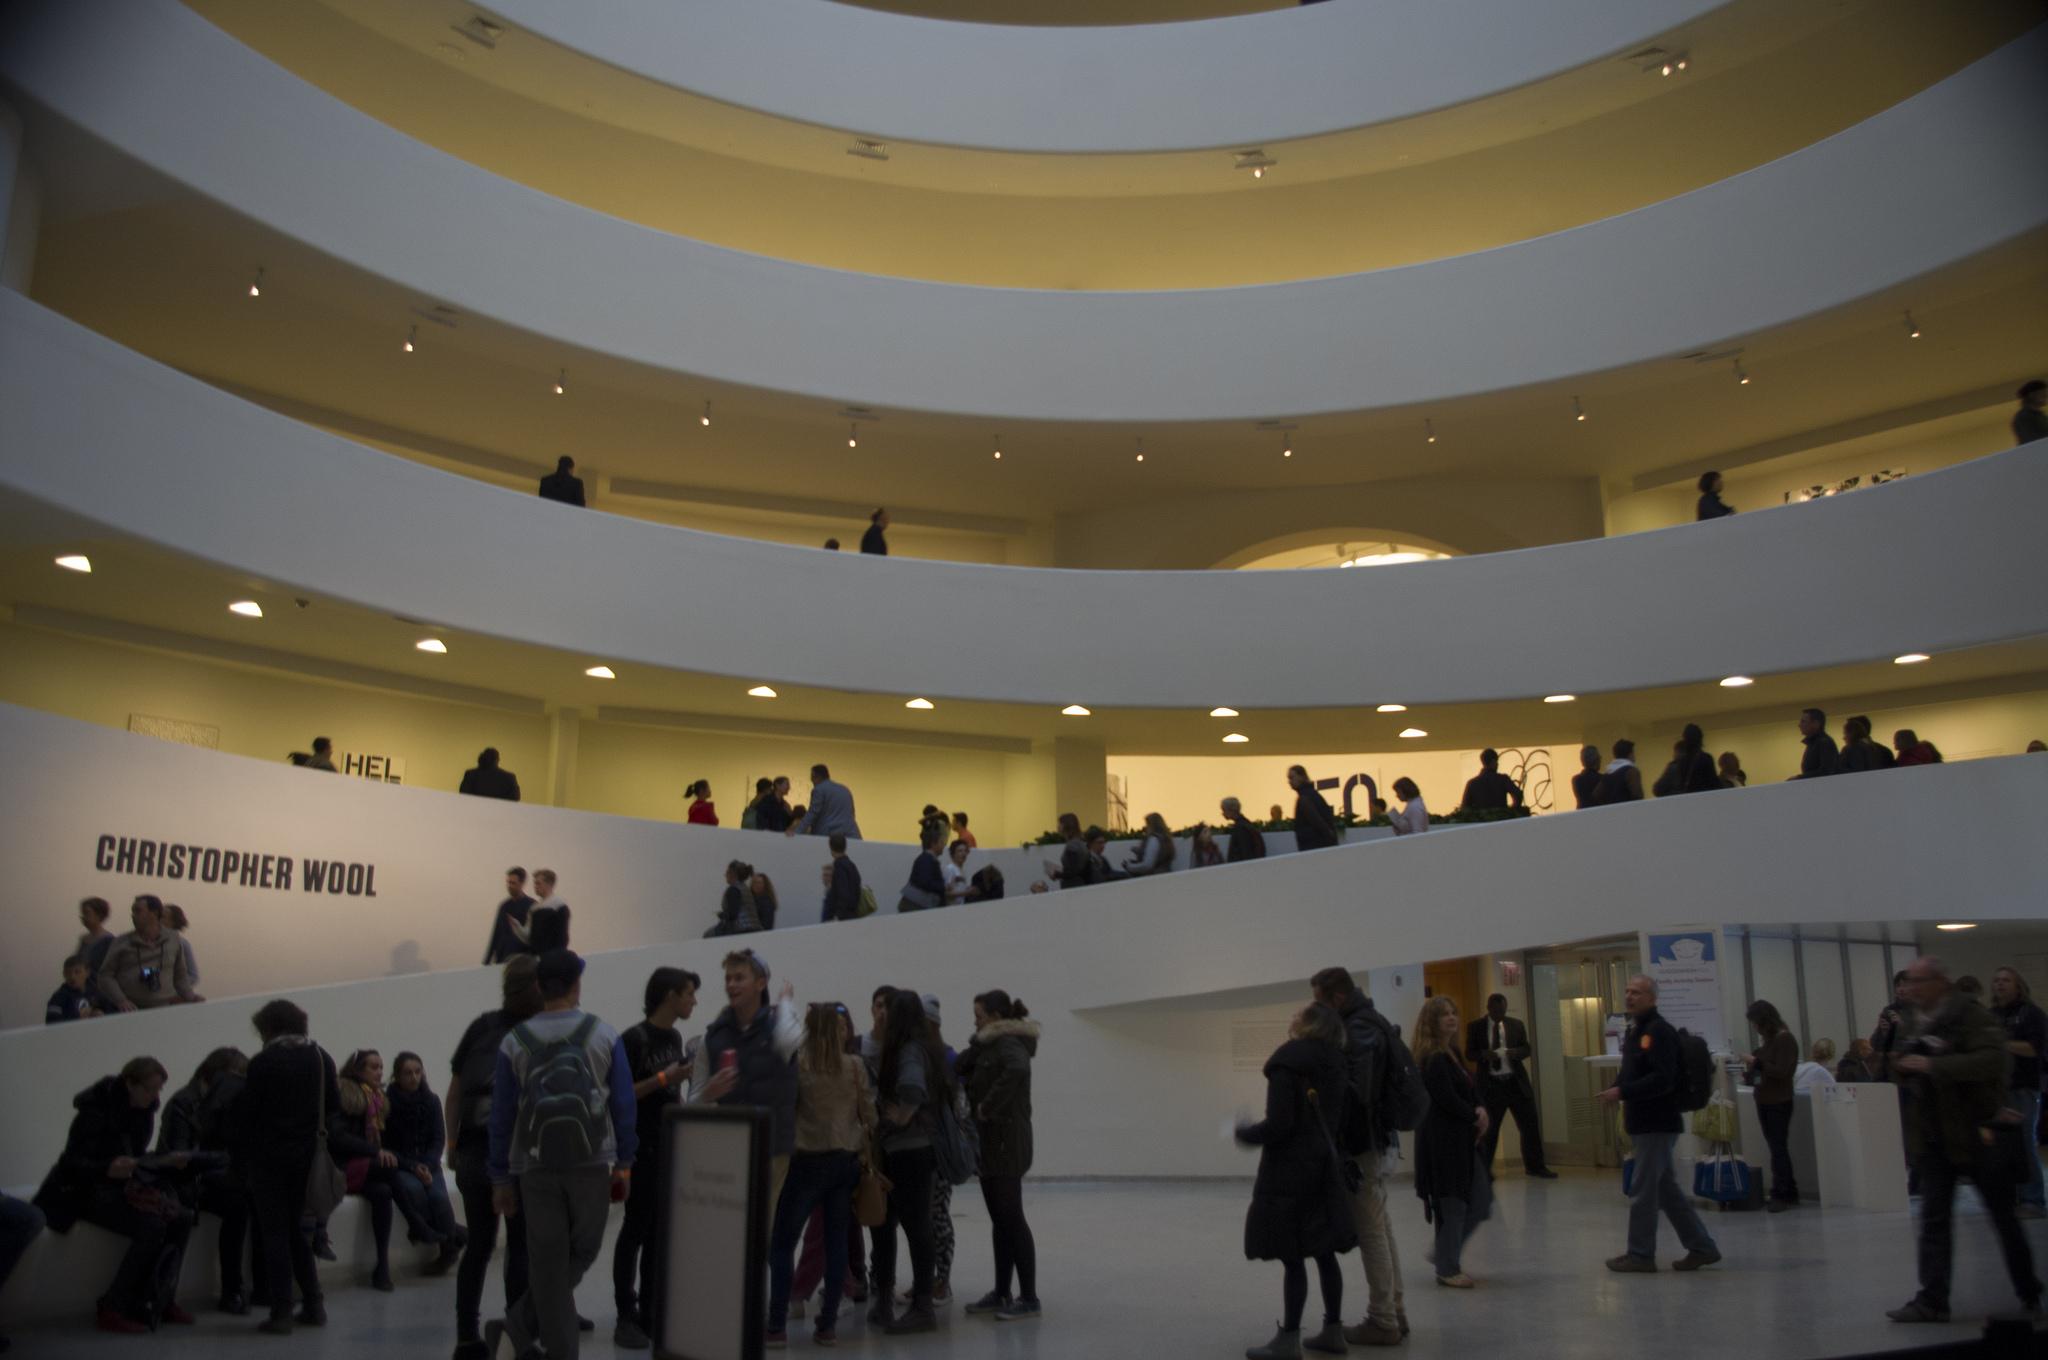 Guggenheim Museum in New York.